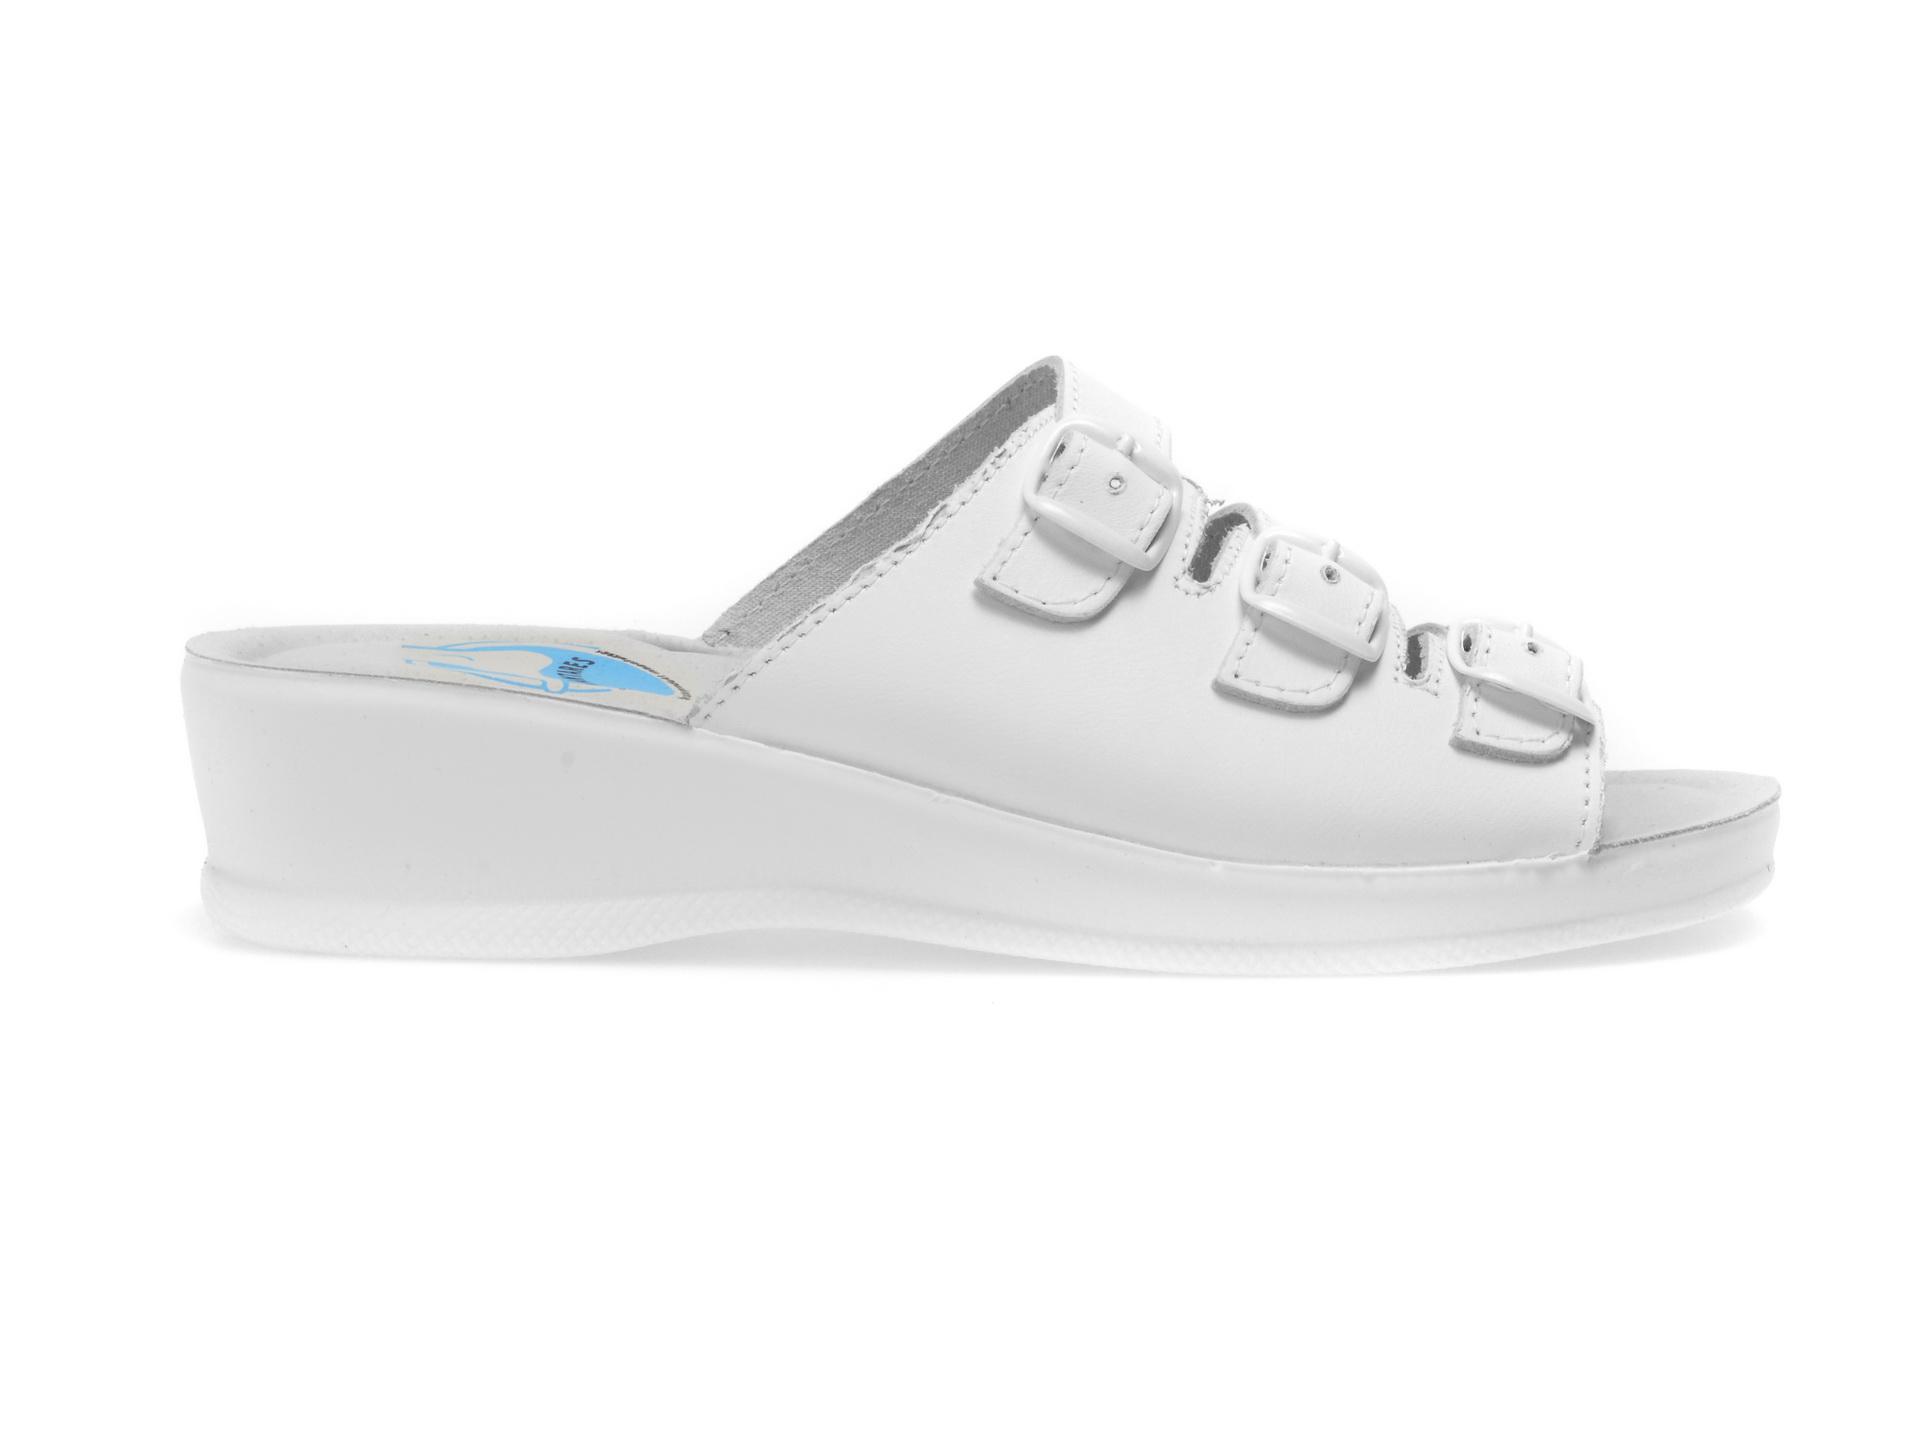 Papuci medicinali PLANTARES albi, 94099, din piele naturala